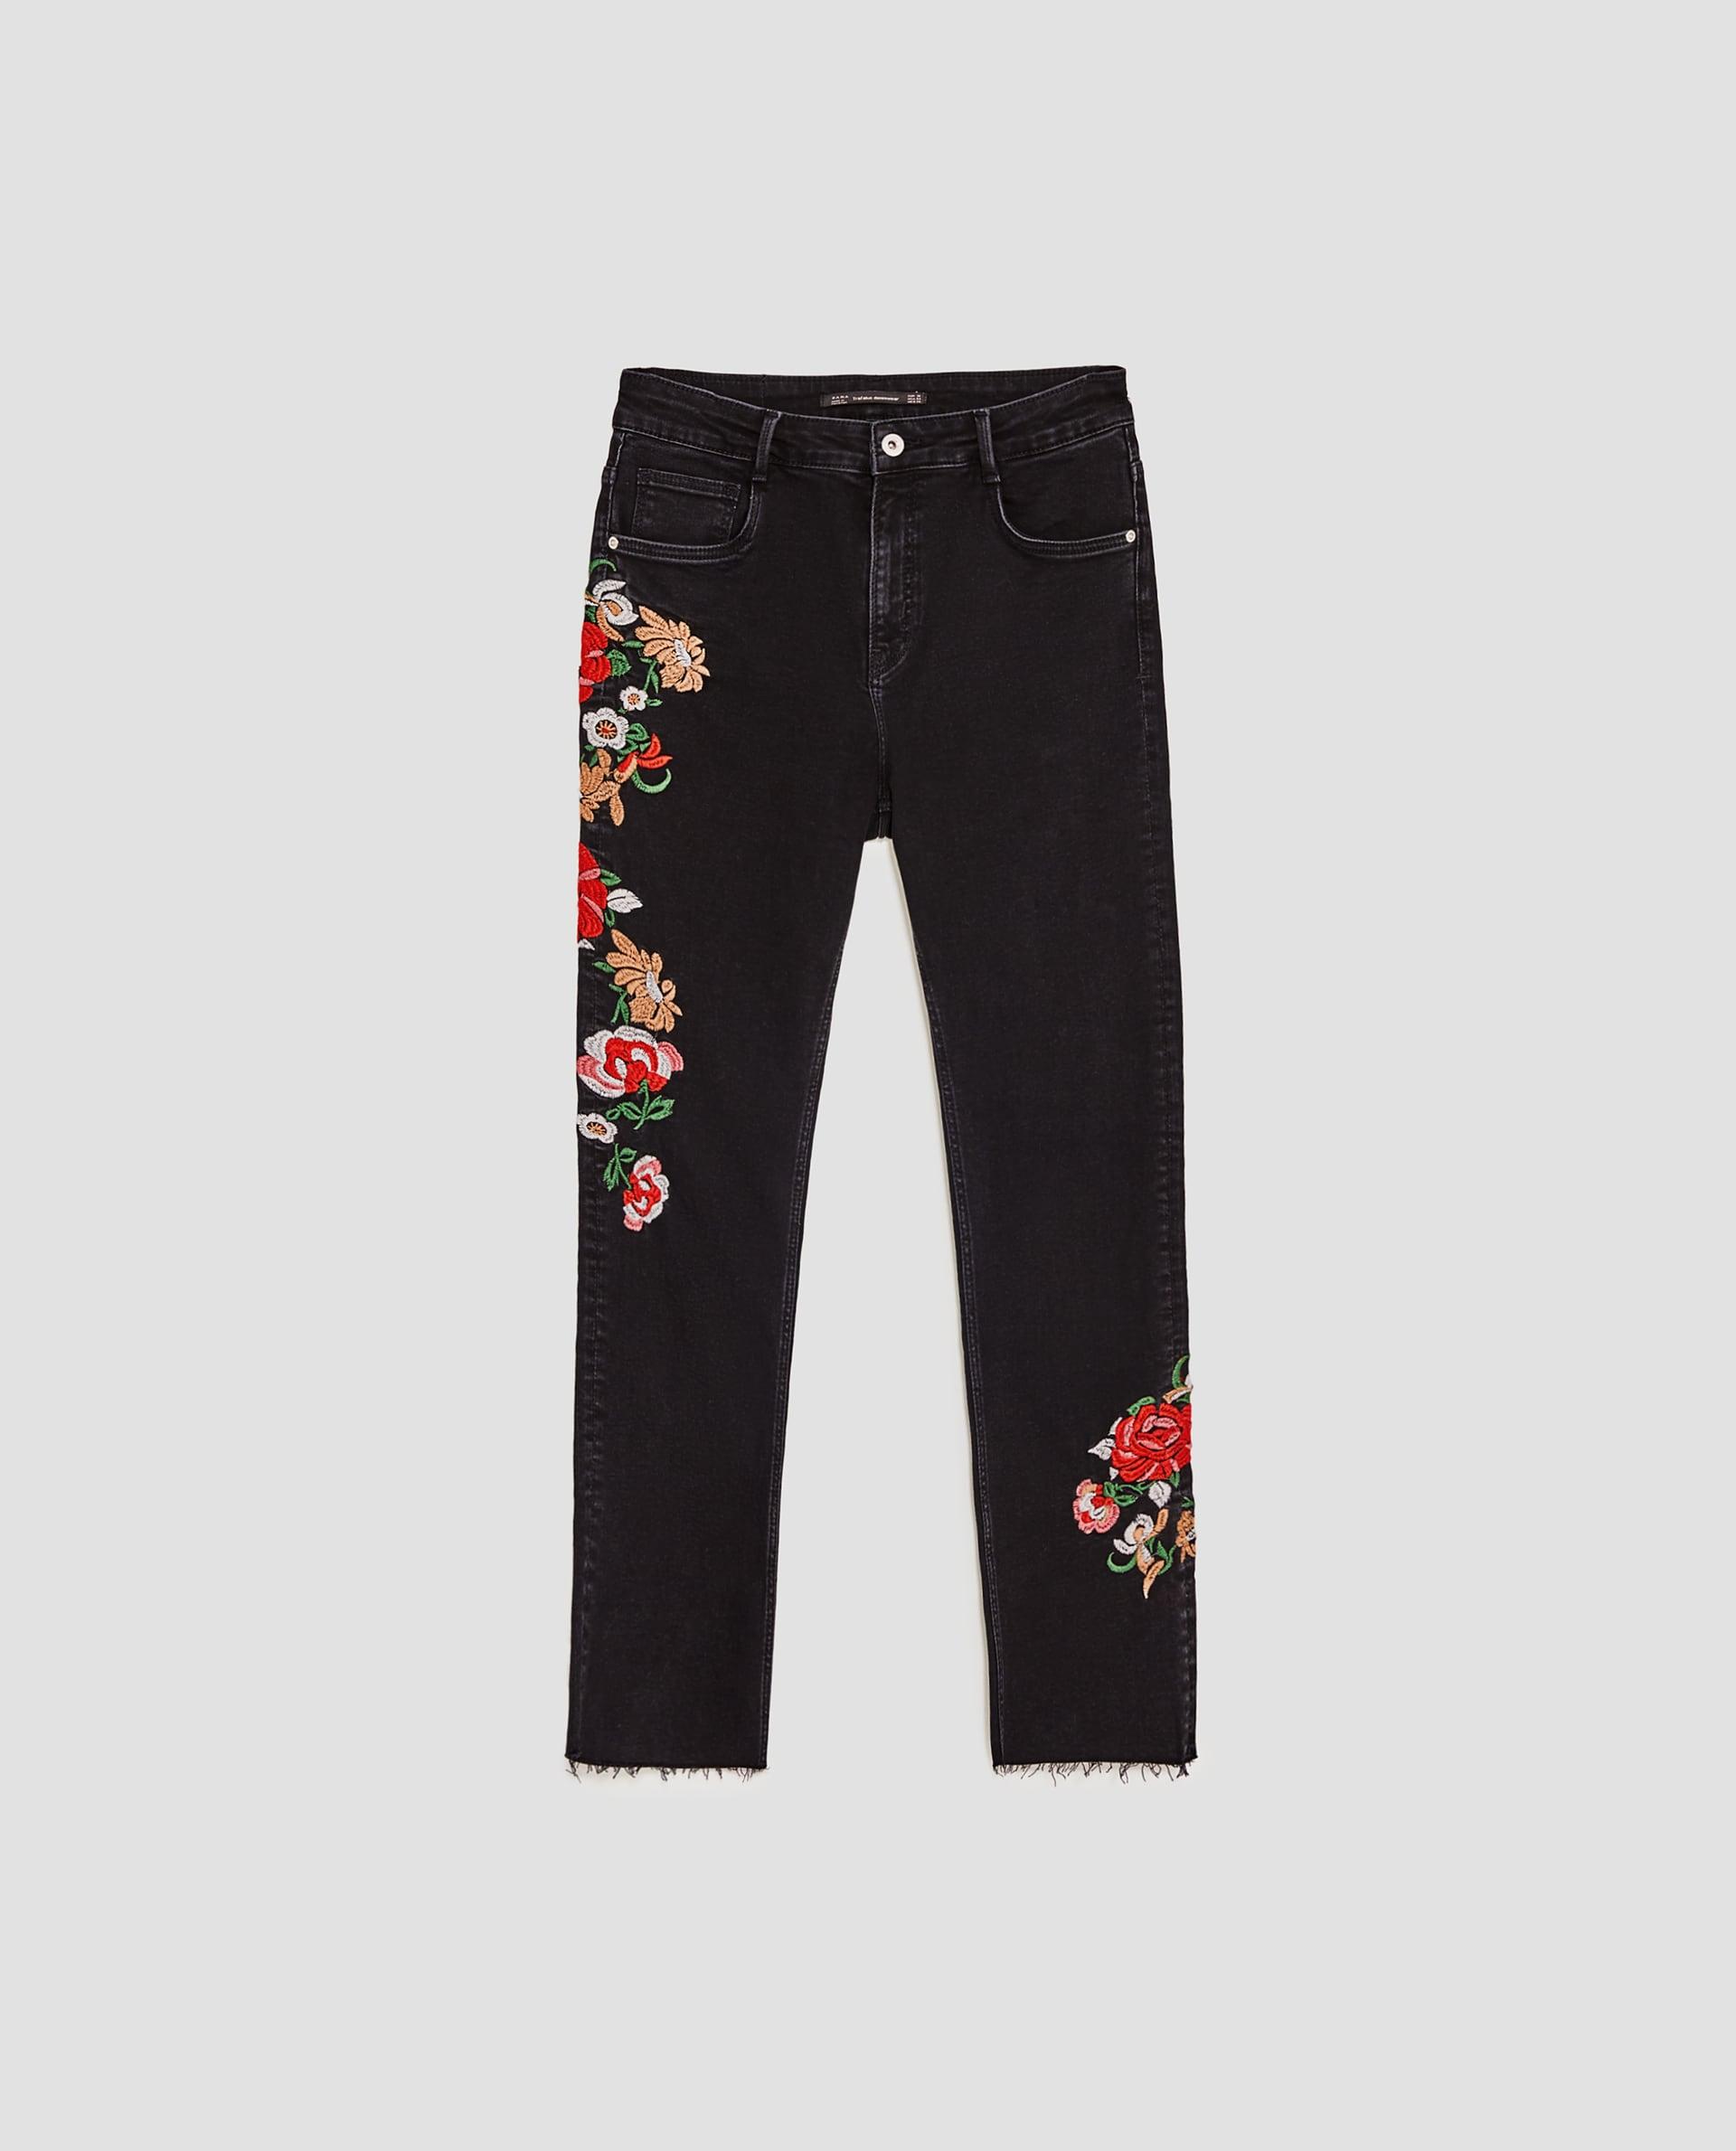 ZARA czarne dżinsy w kwiatowe hafty 42 7712108498